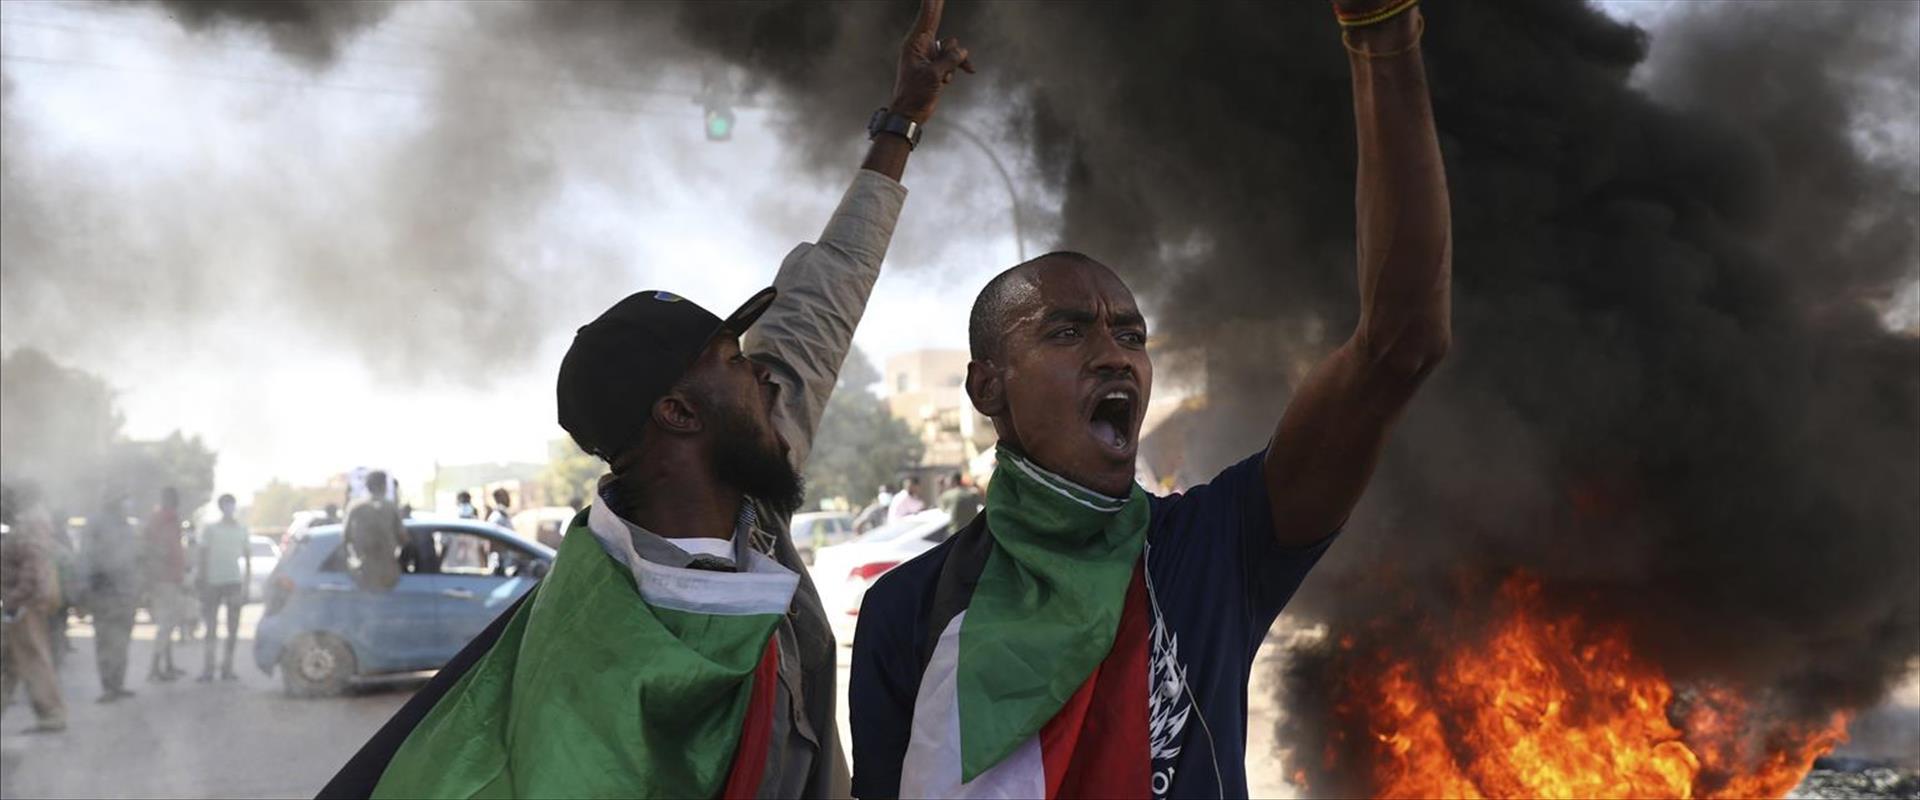 הפגנה נגד הממשלה, ארכיון